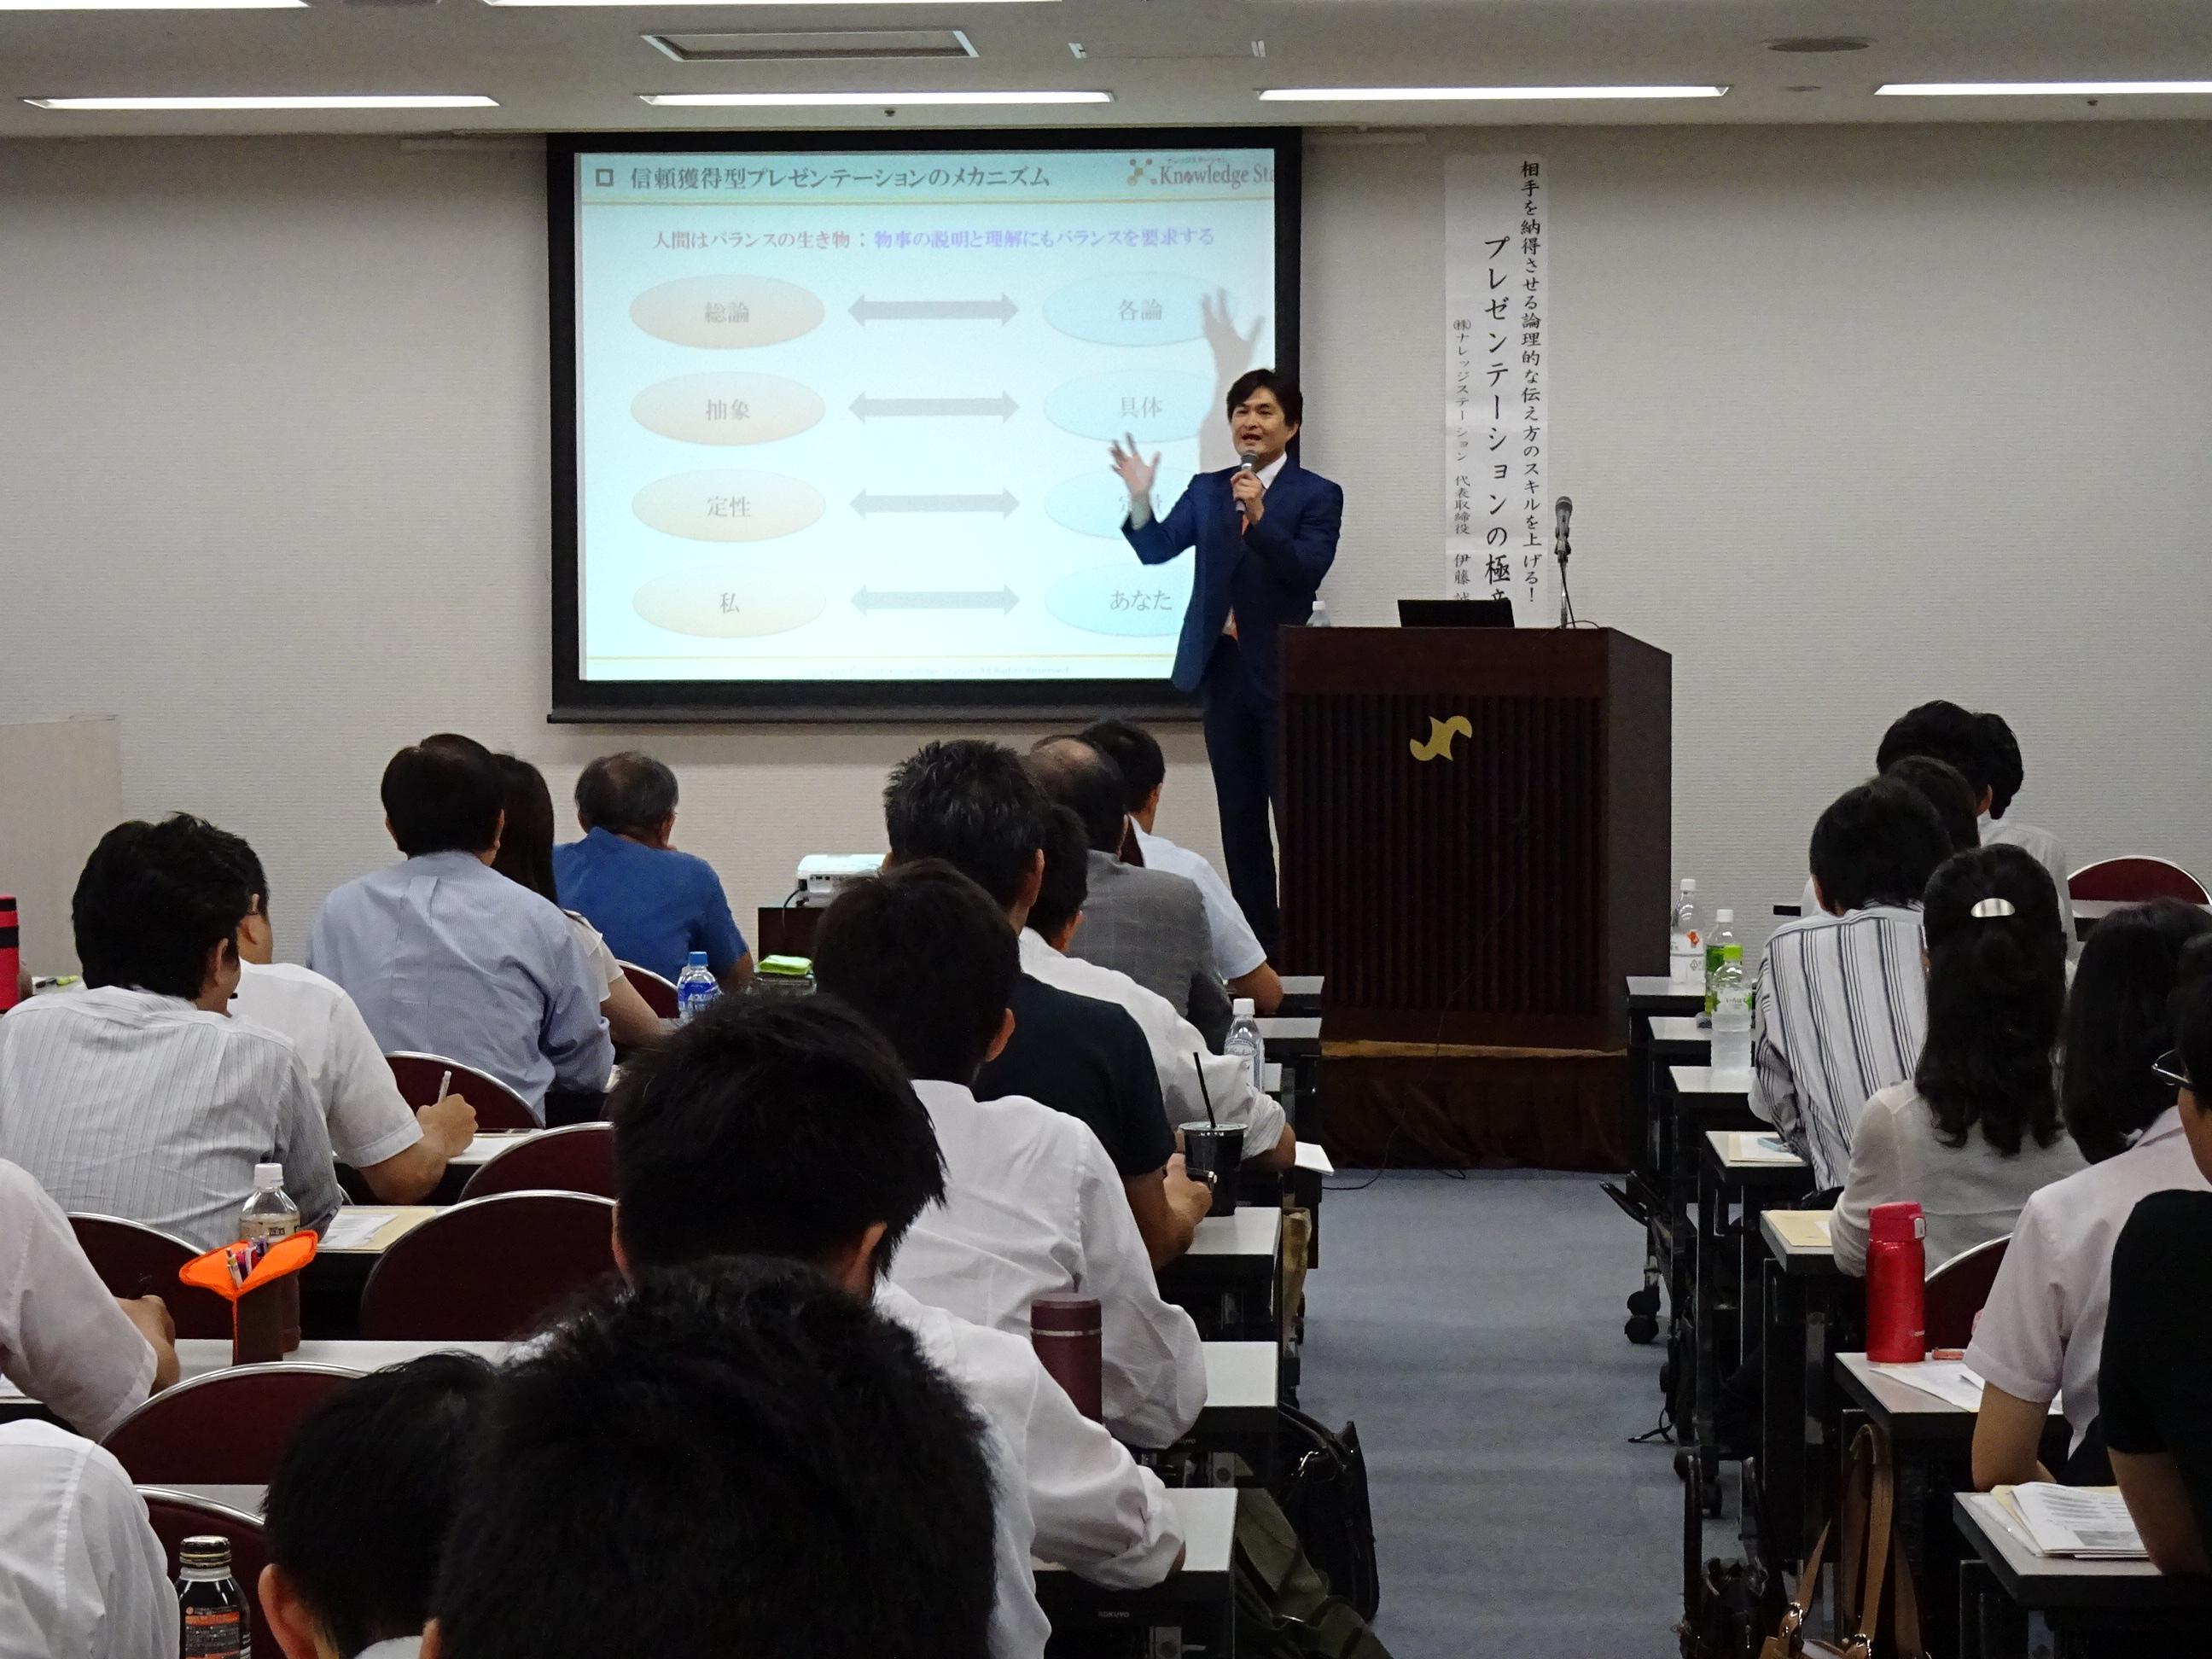 【坂戸】商談成約率UPへ!プレゼンの基礎知識と実践法画像01